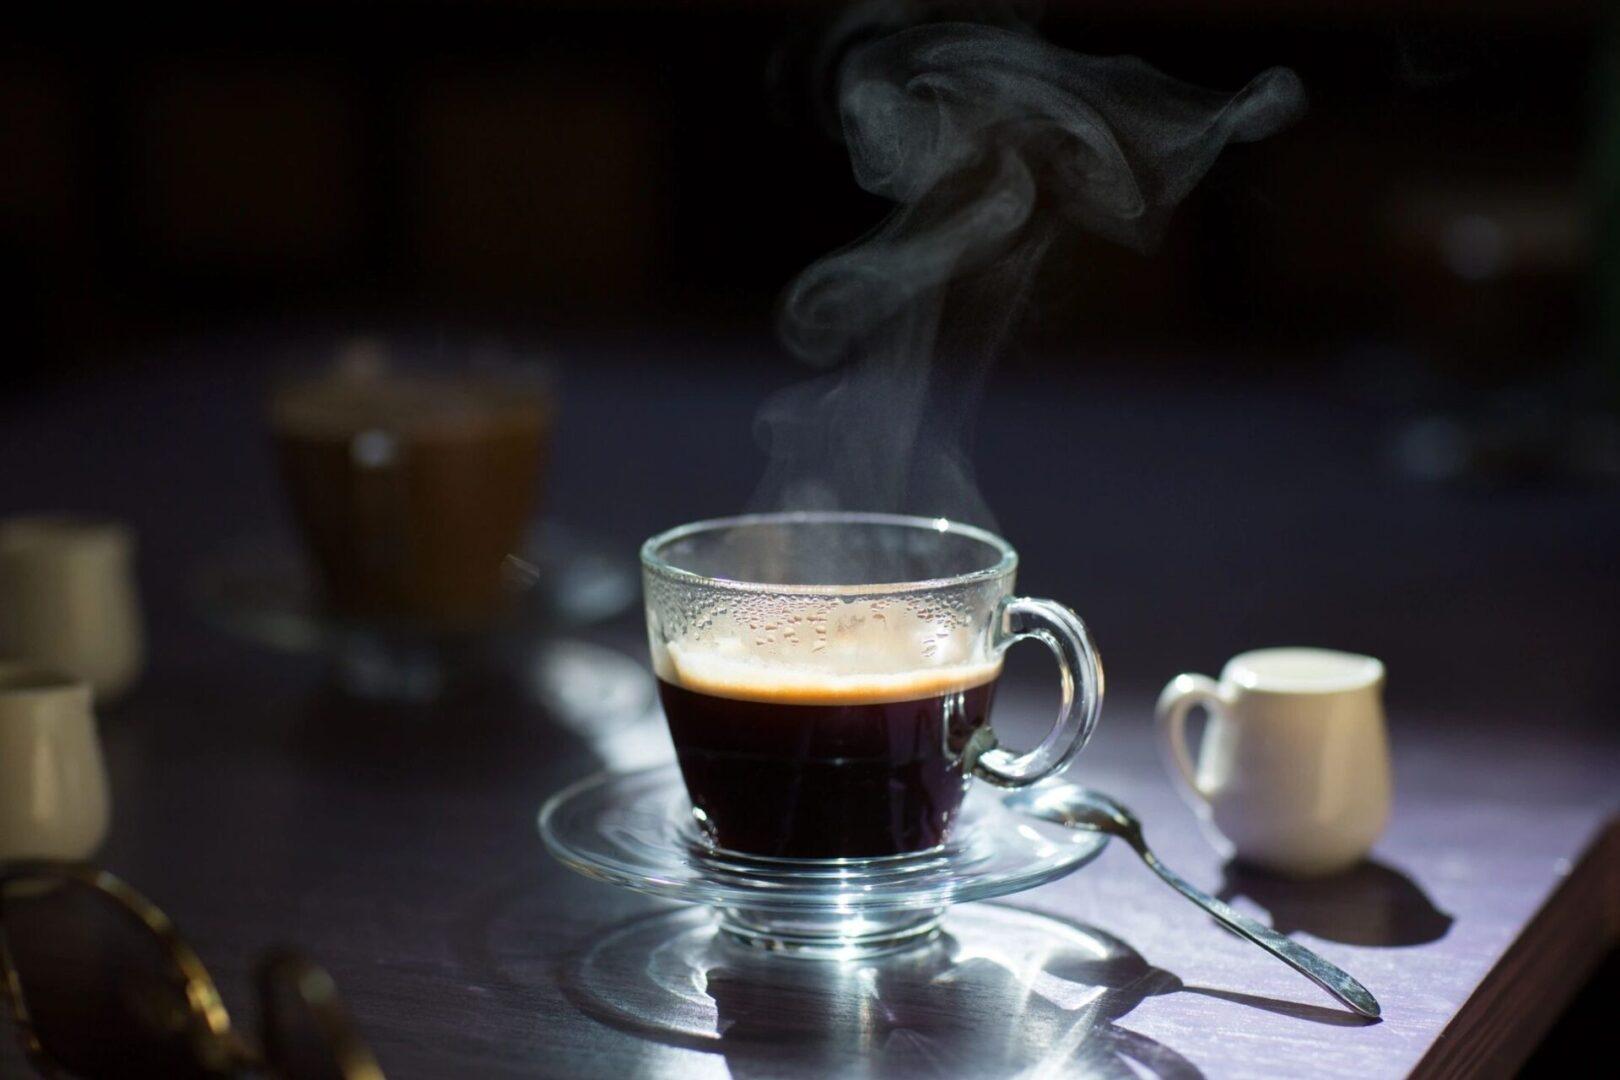 Magpie Café & Coffee House